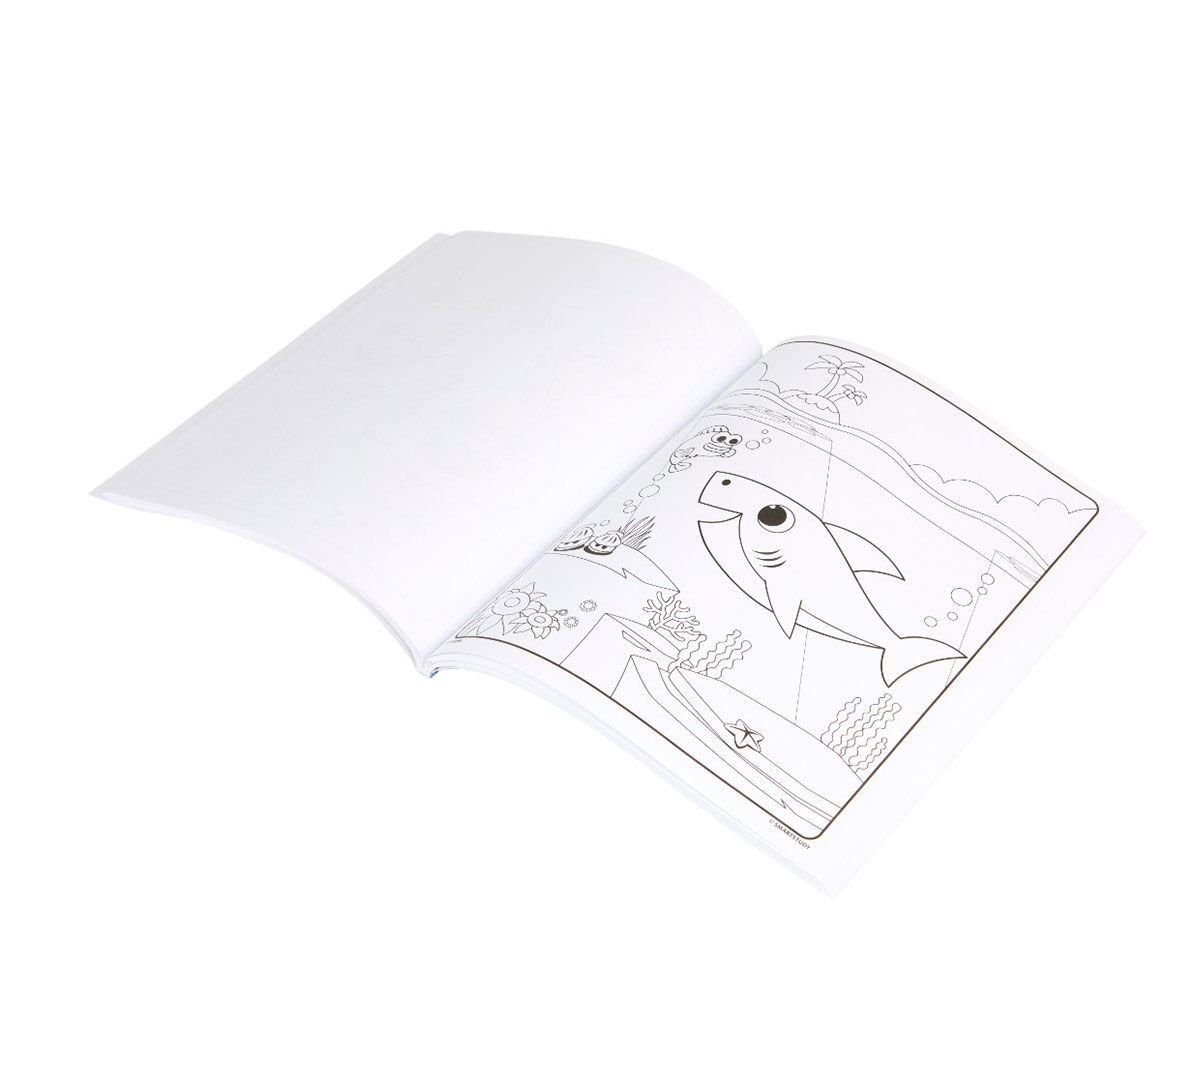 Baby Shark Coloring Book 40 Coloring Pages Crayola Com Crayola